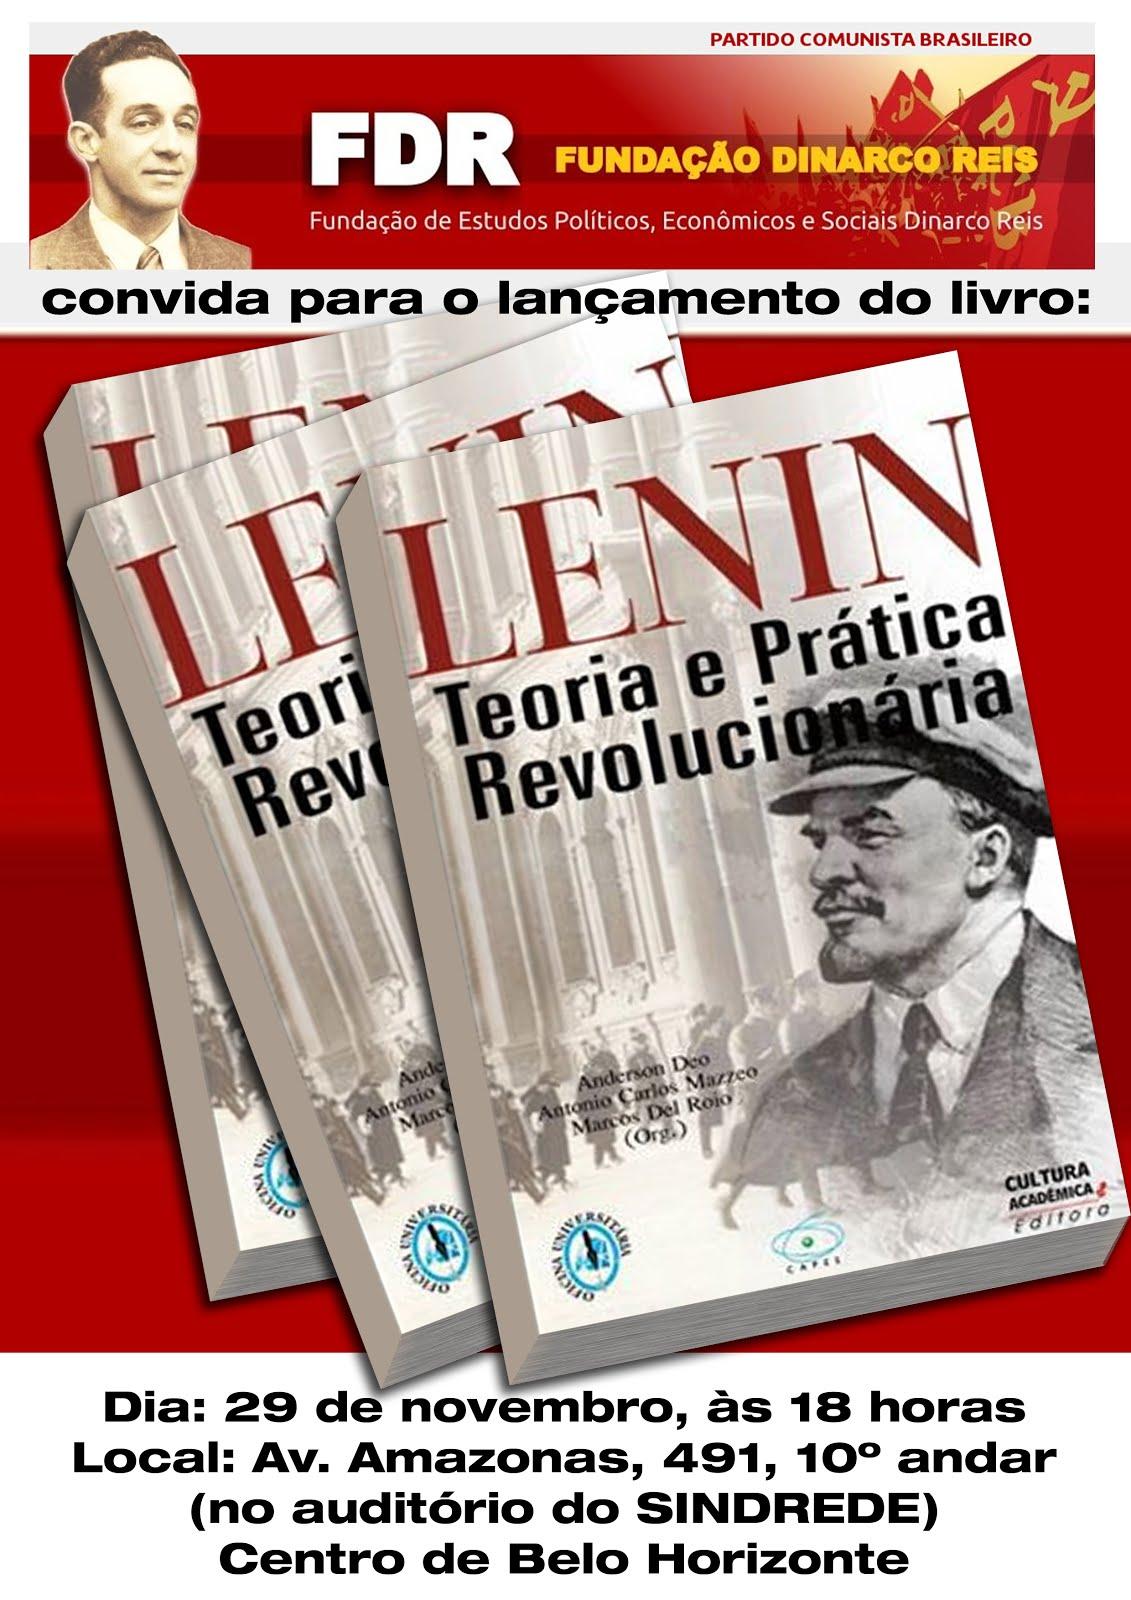 Lenin: Teoria e prática revolucionária.